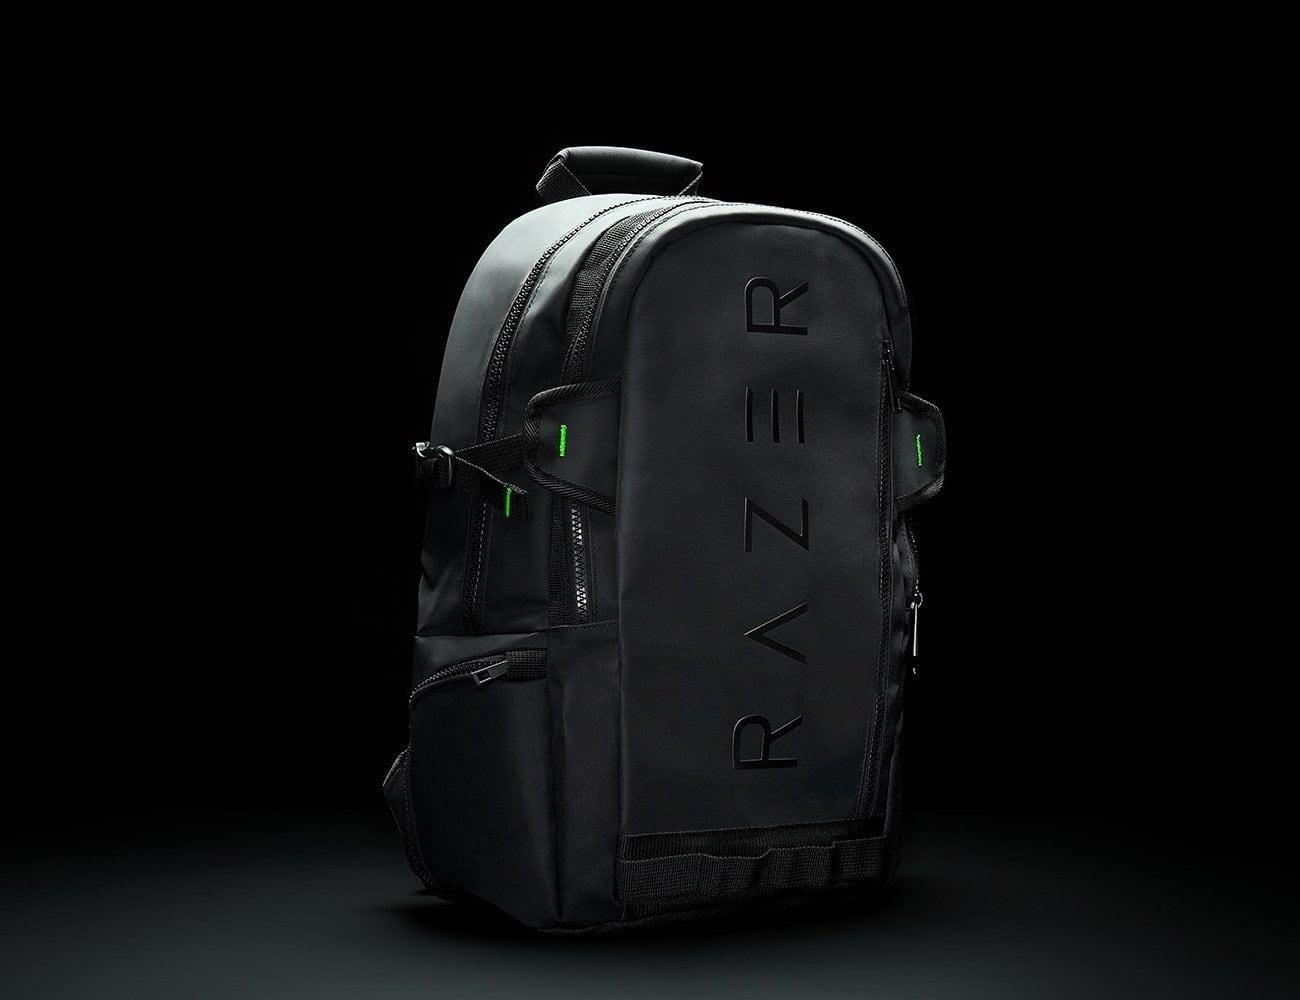 razer rogue gaming laptop backpack gadget flow. Black Bedroom Furniture Sets. Home Design Ideas